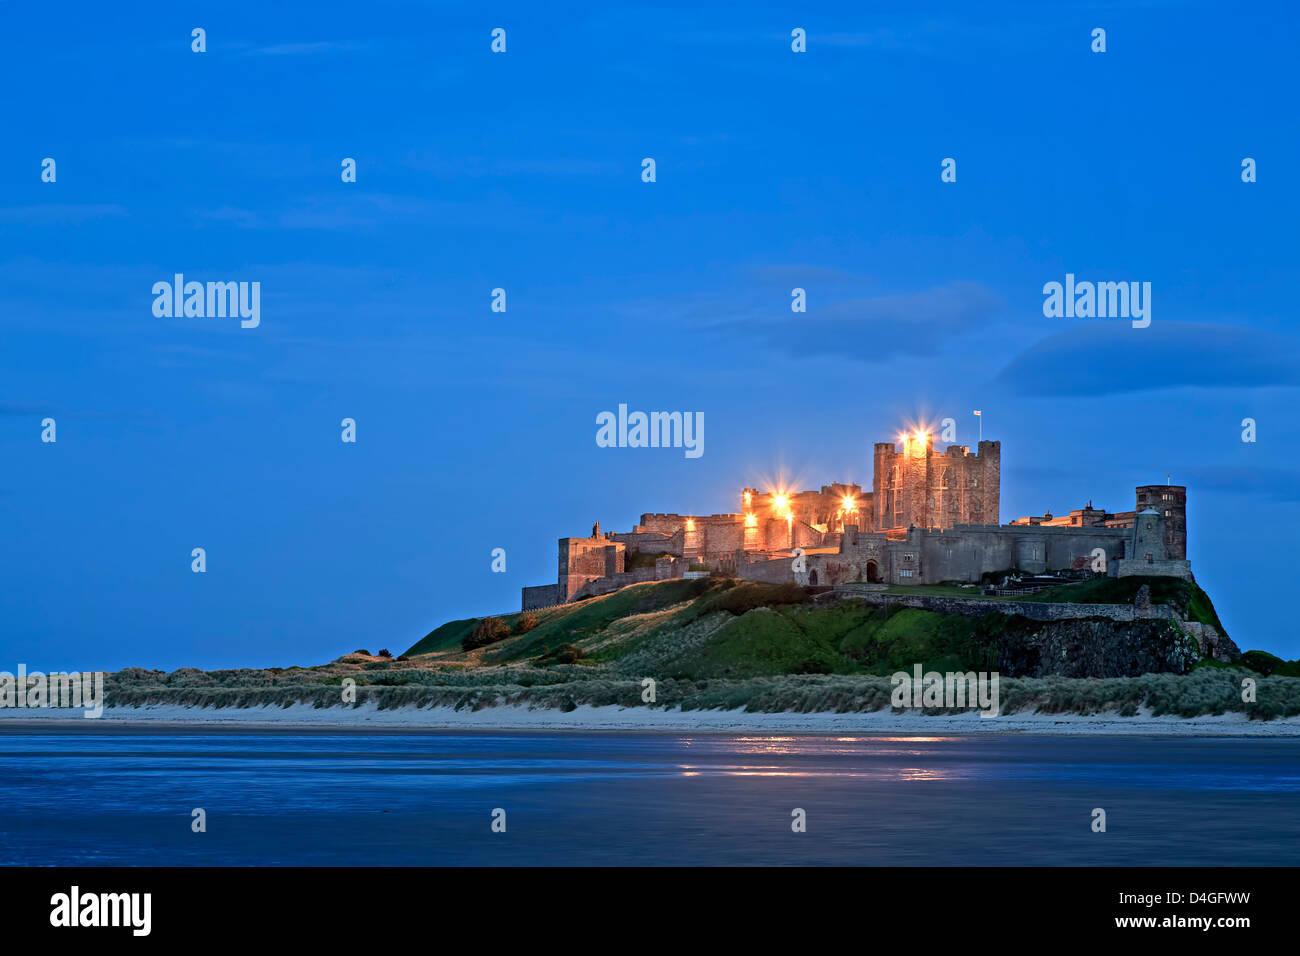 Castillo de Bamburgh, Bamburgh, England, Reino Unido Imagen De Stock